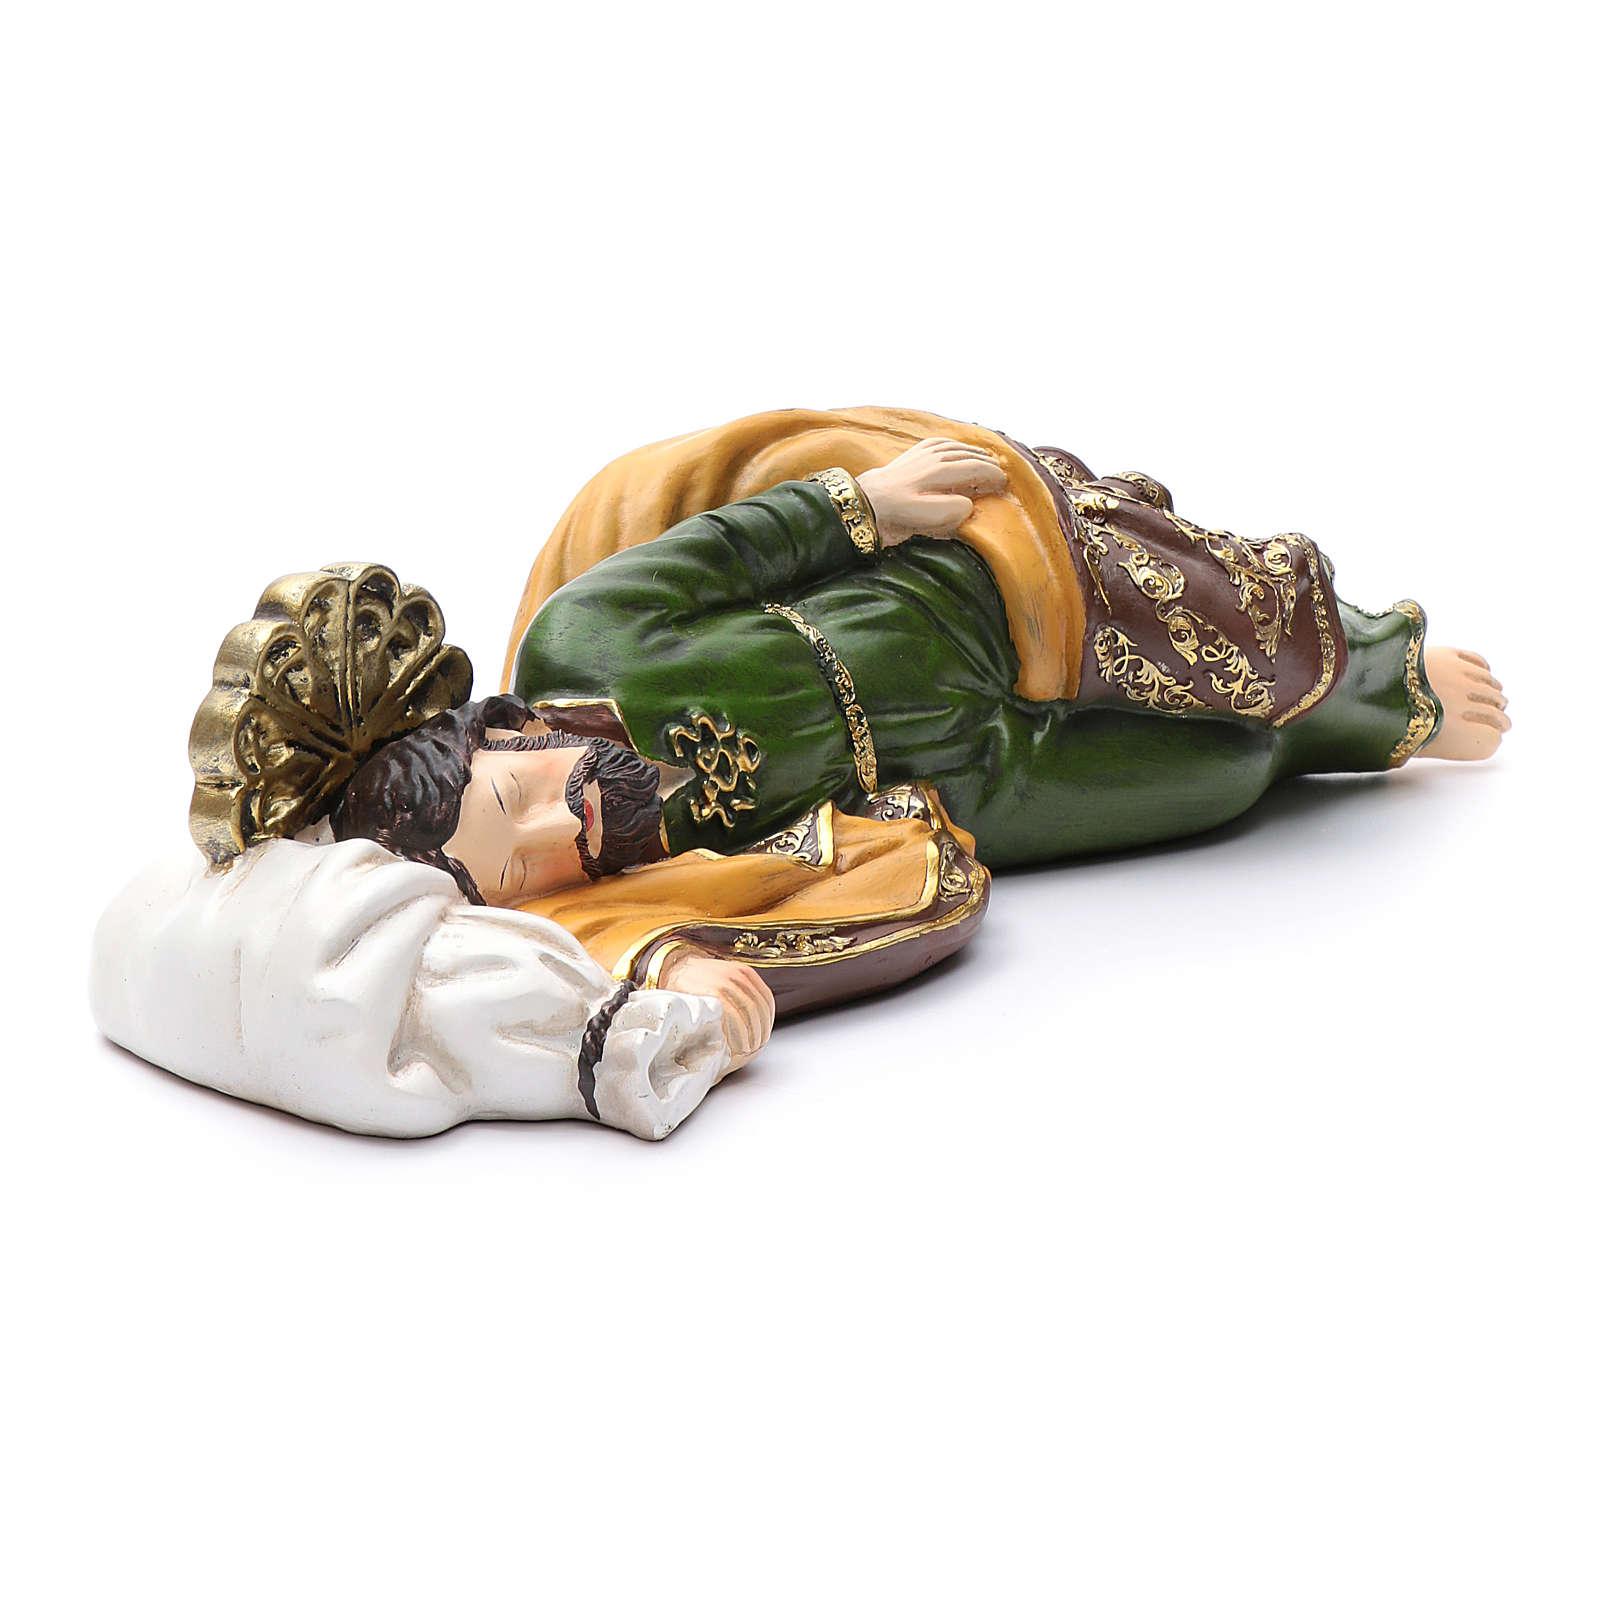 Santon Saint Joseph endormi pour crèche 40 cm 3